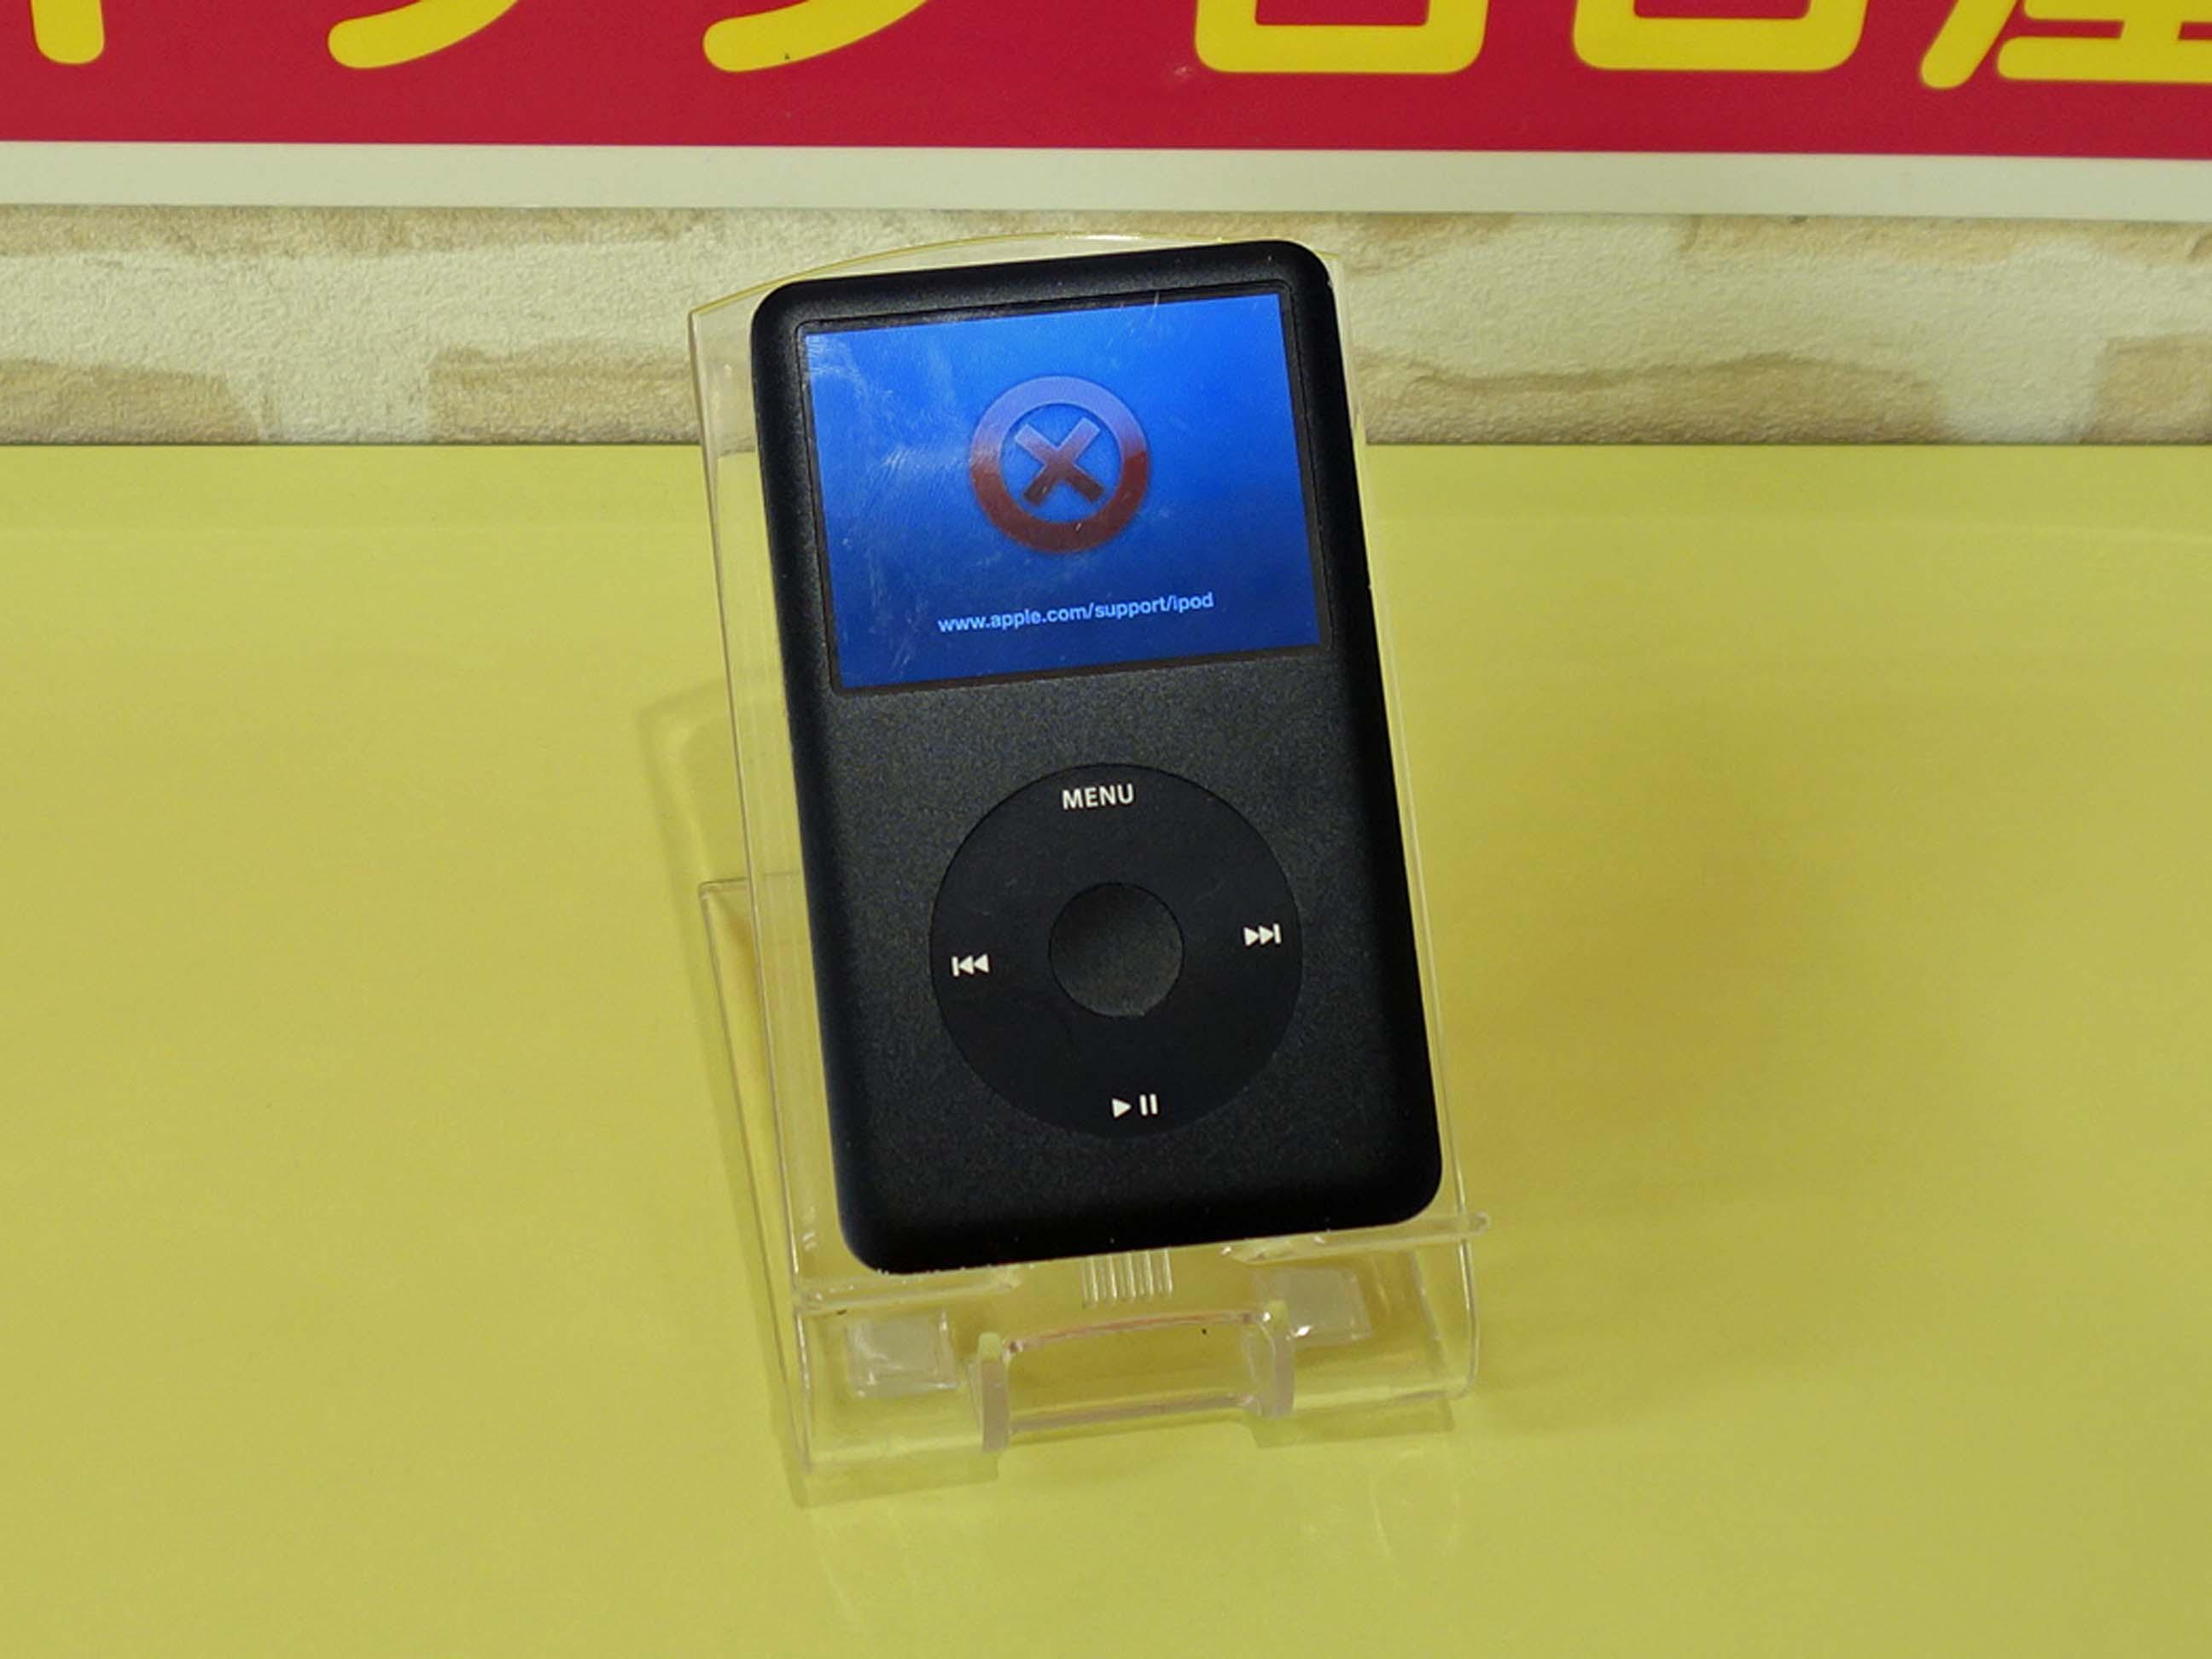 iPod classicの128GB、SSD化の作業に春日井市よりご来店!アイポッド修理もクイック名古屋